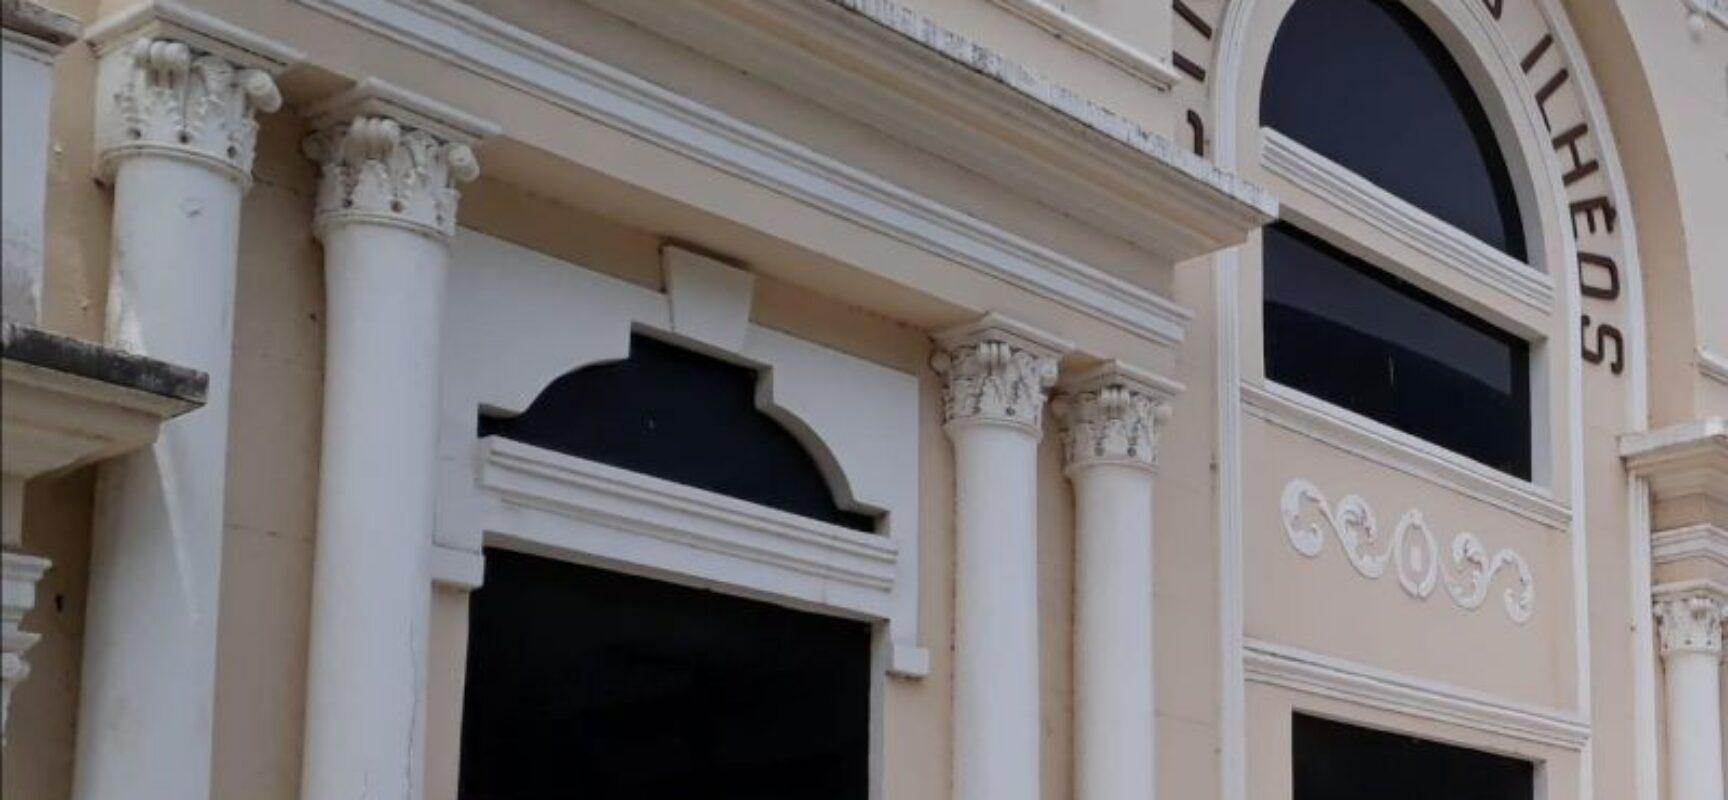 Requerimento de Edvaldo Gomes para restauração da Fachada do TMI é aprovado no legislativo